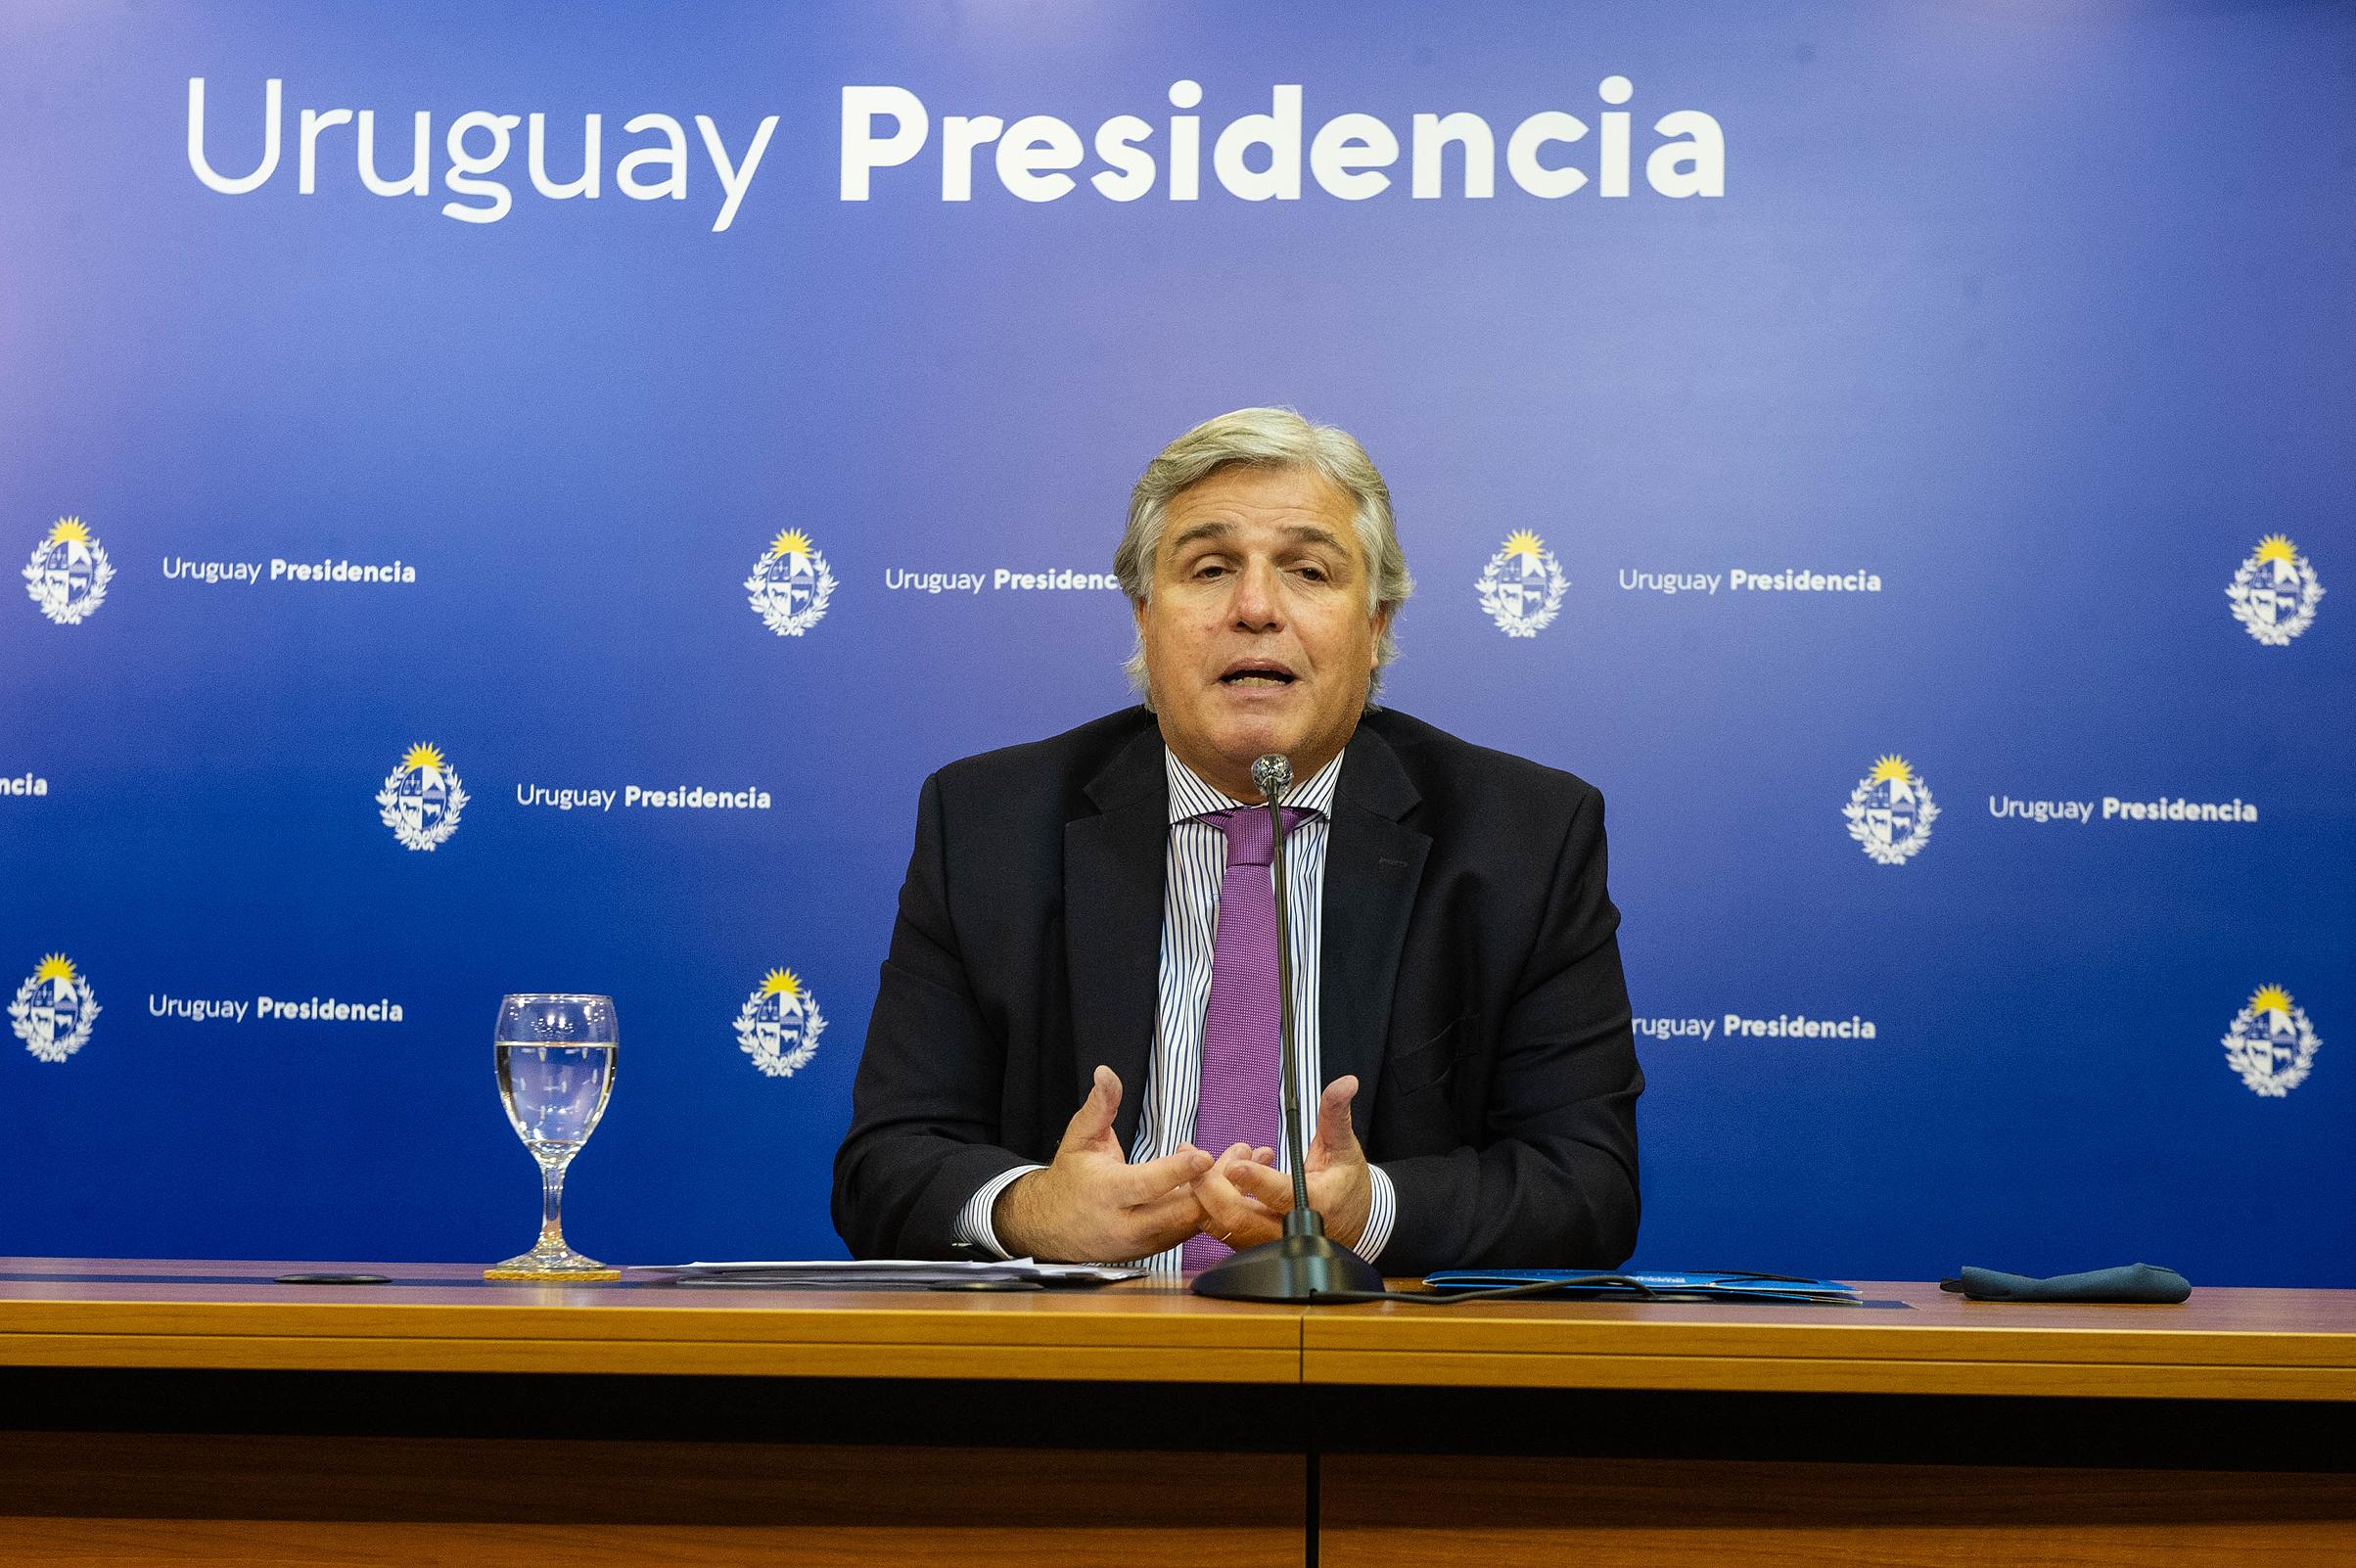 Ministro de Relaciones Exteriores, Francisco Bustillo